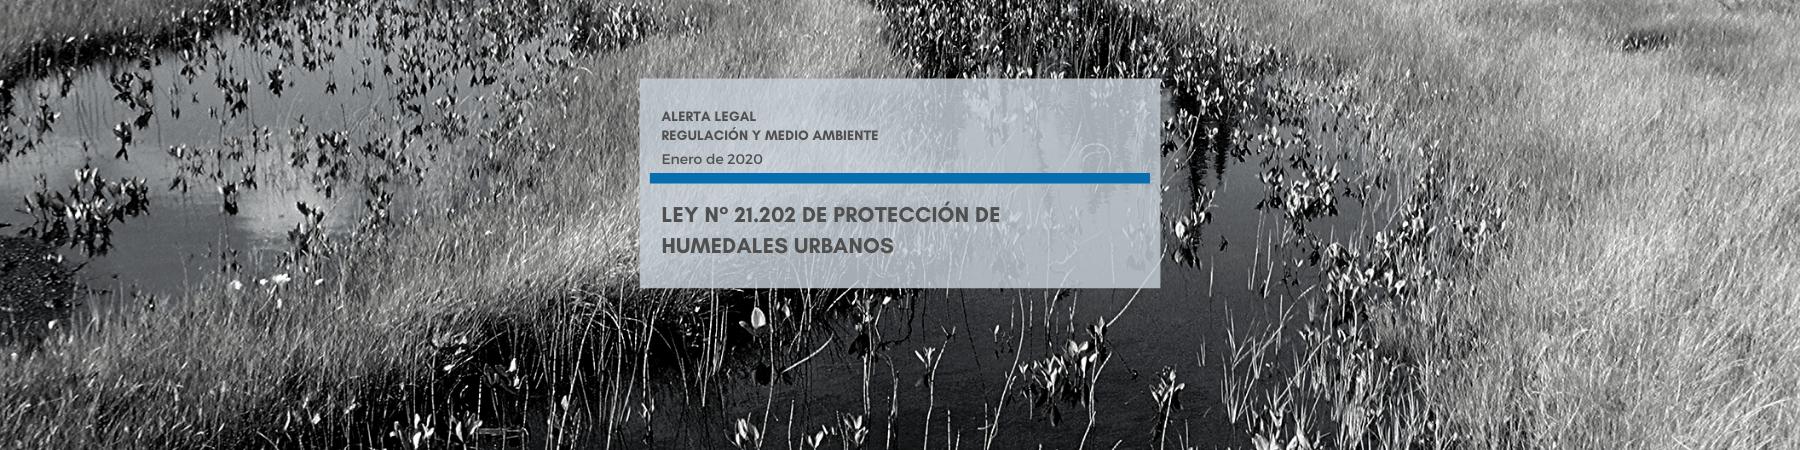 Alerta Legal | Ley N° 21.202 de Protección de Humedales Urbanos